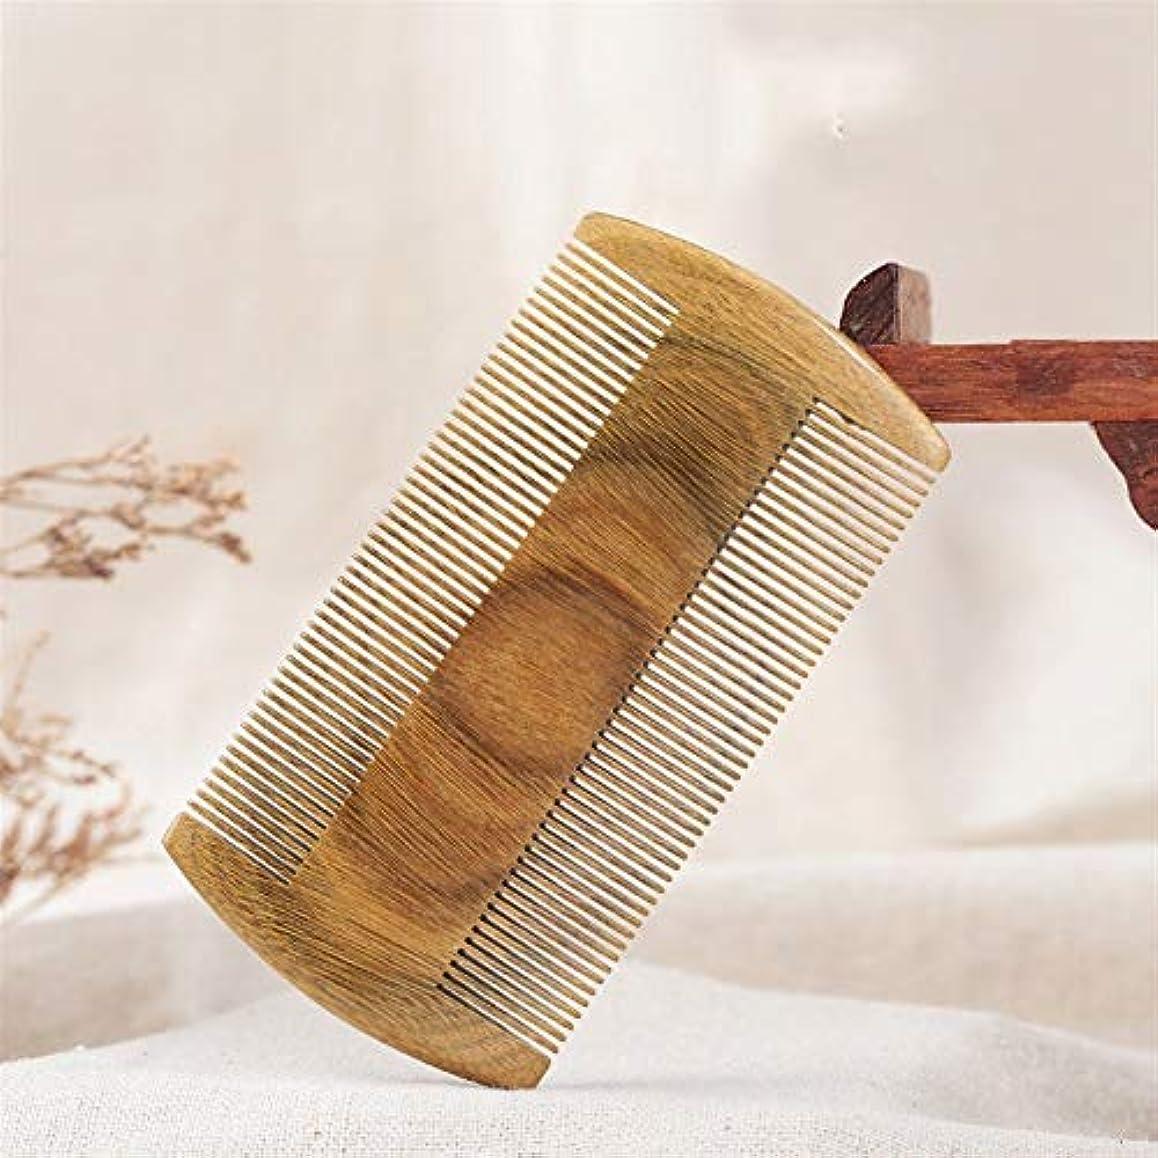 騙す美人窓Guomao グリーンサンダルウッドコーム、ファインティース、ふけ防止、サンダルウッドコーム (Size : 10*5.6 cm)